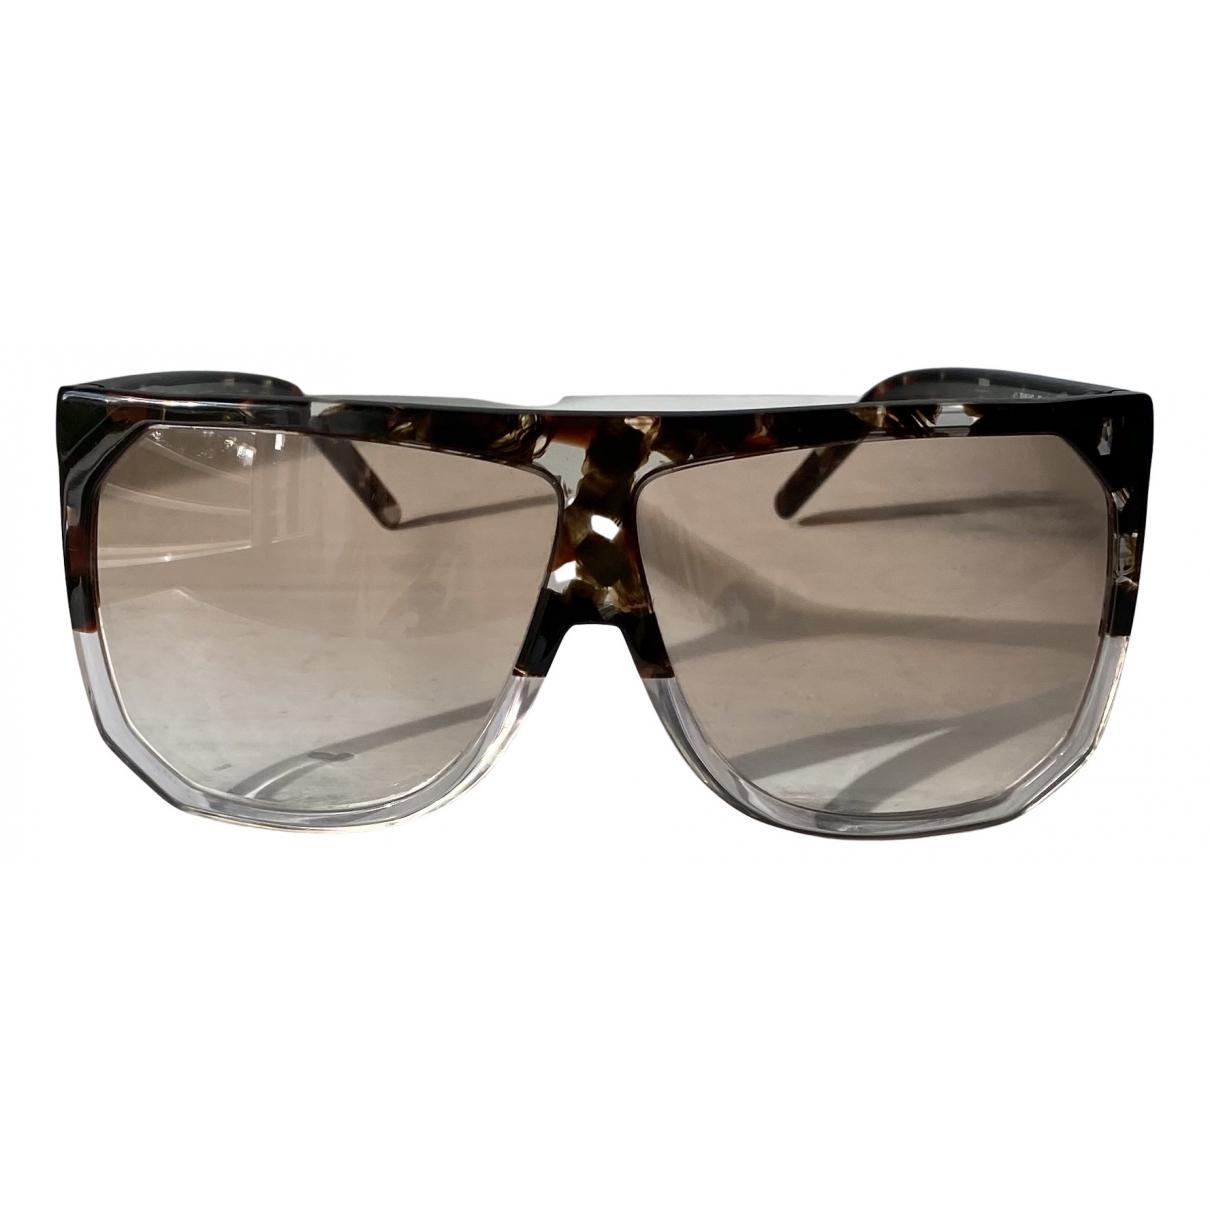 Gafas mascara Loewe